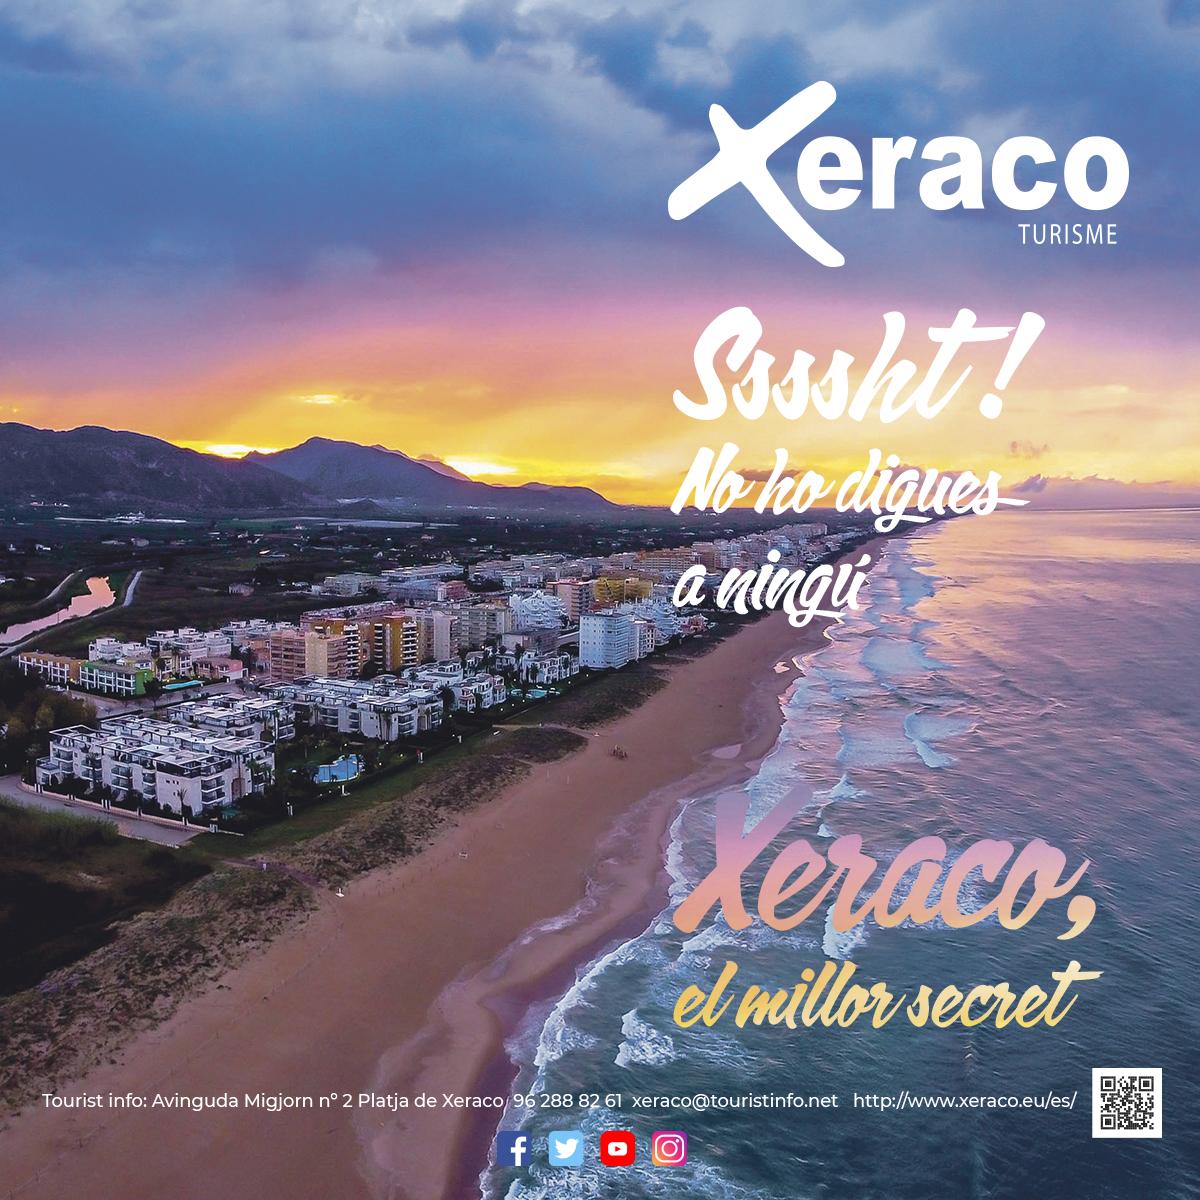 Xeraco inicia la seua promoció turística a les comarques d'interior El Periòdic d'Ontinyent - Noticies a Ontinyent